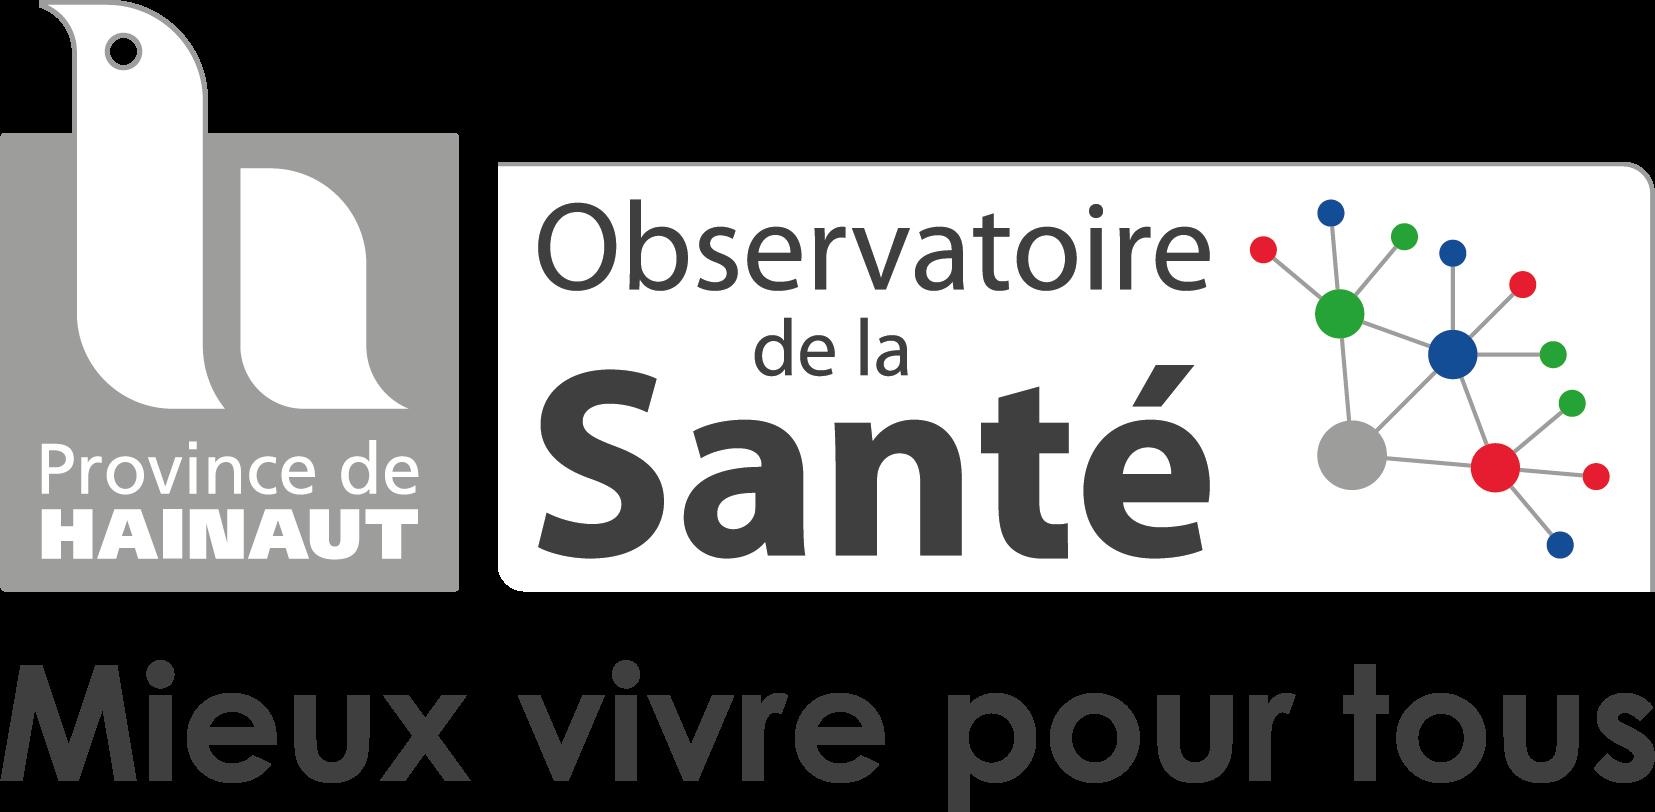 Observatoire de la Santé